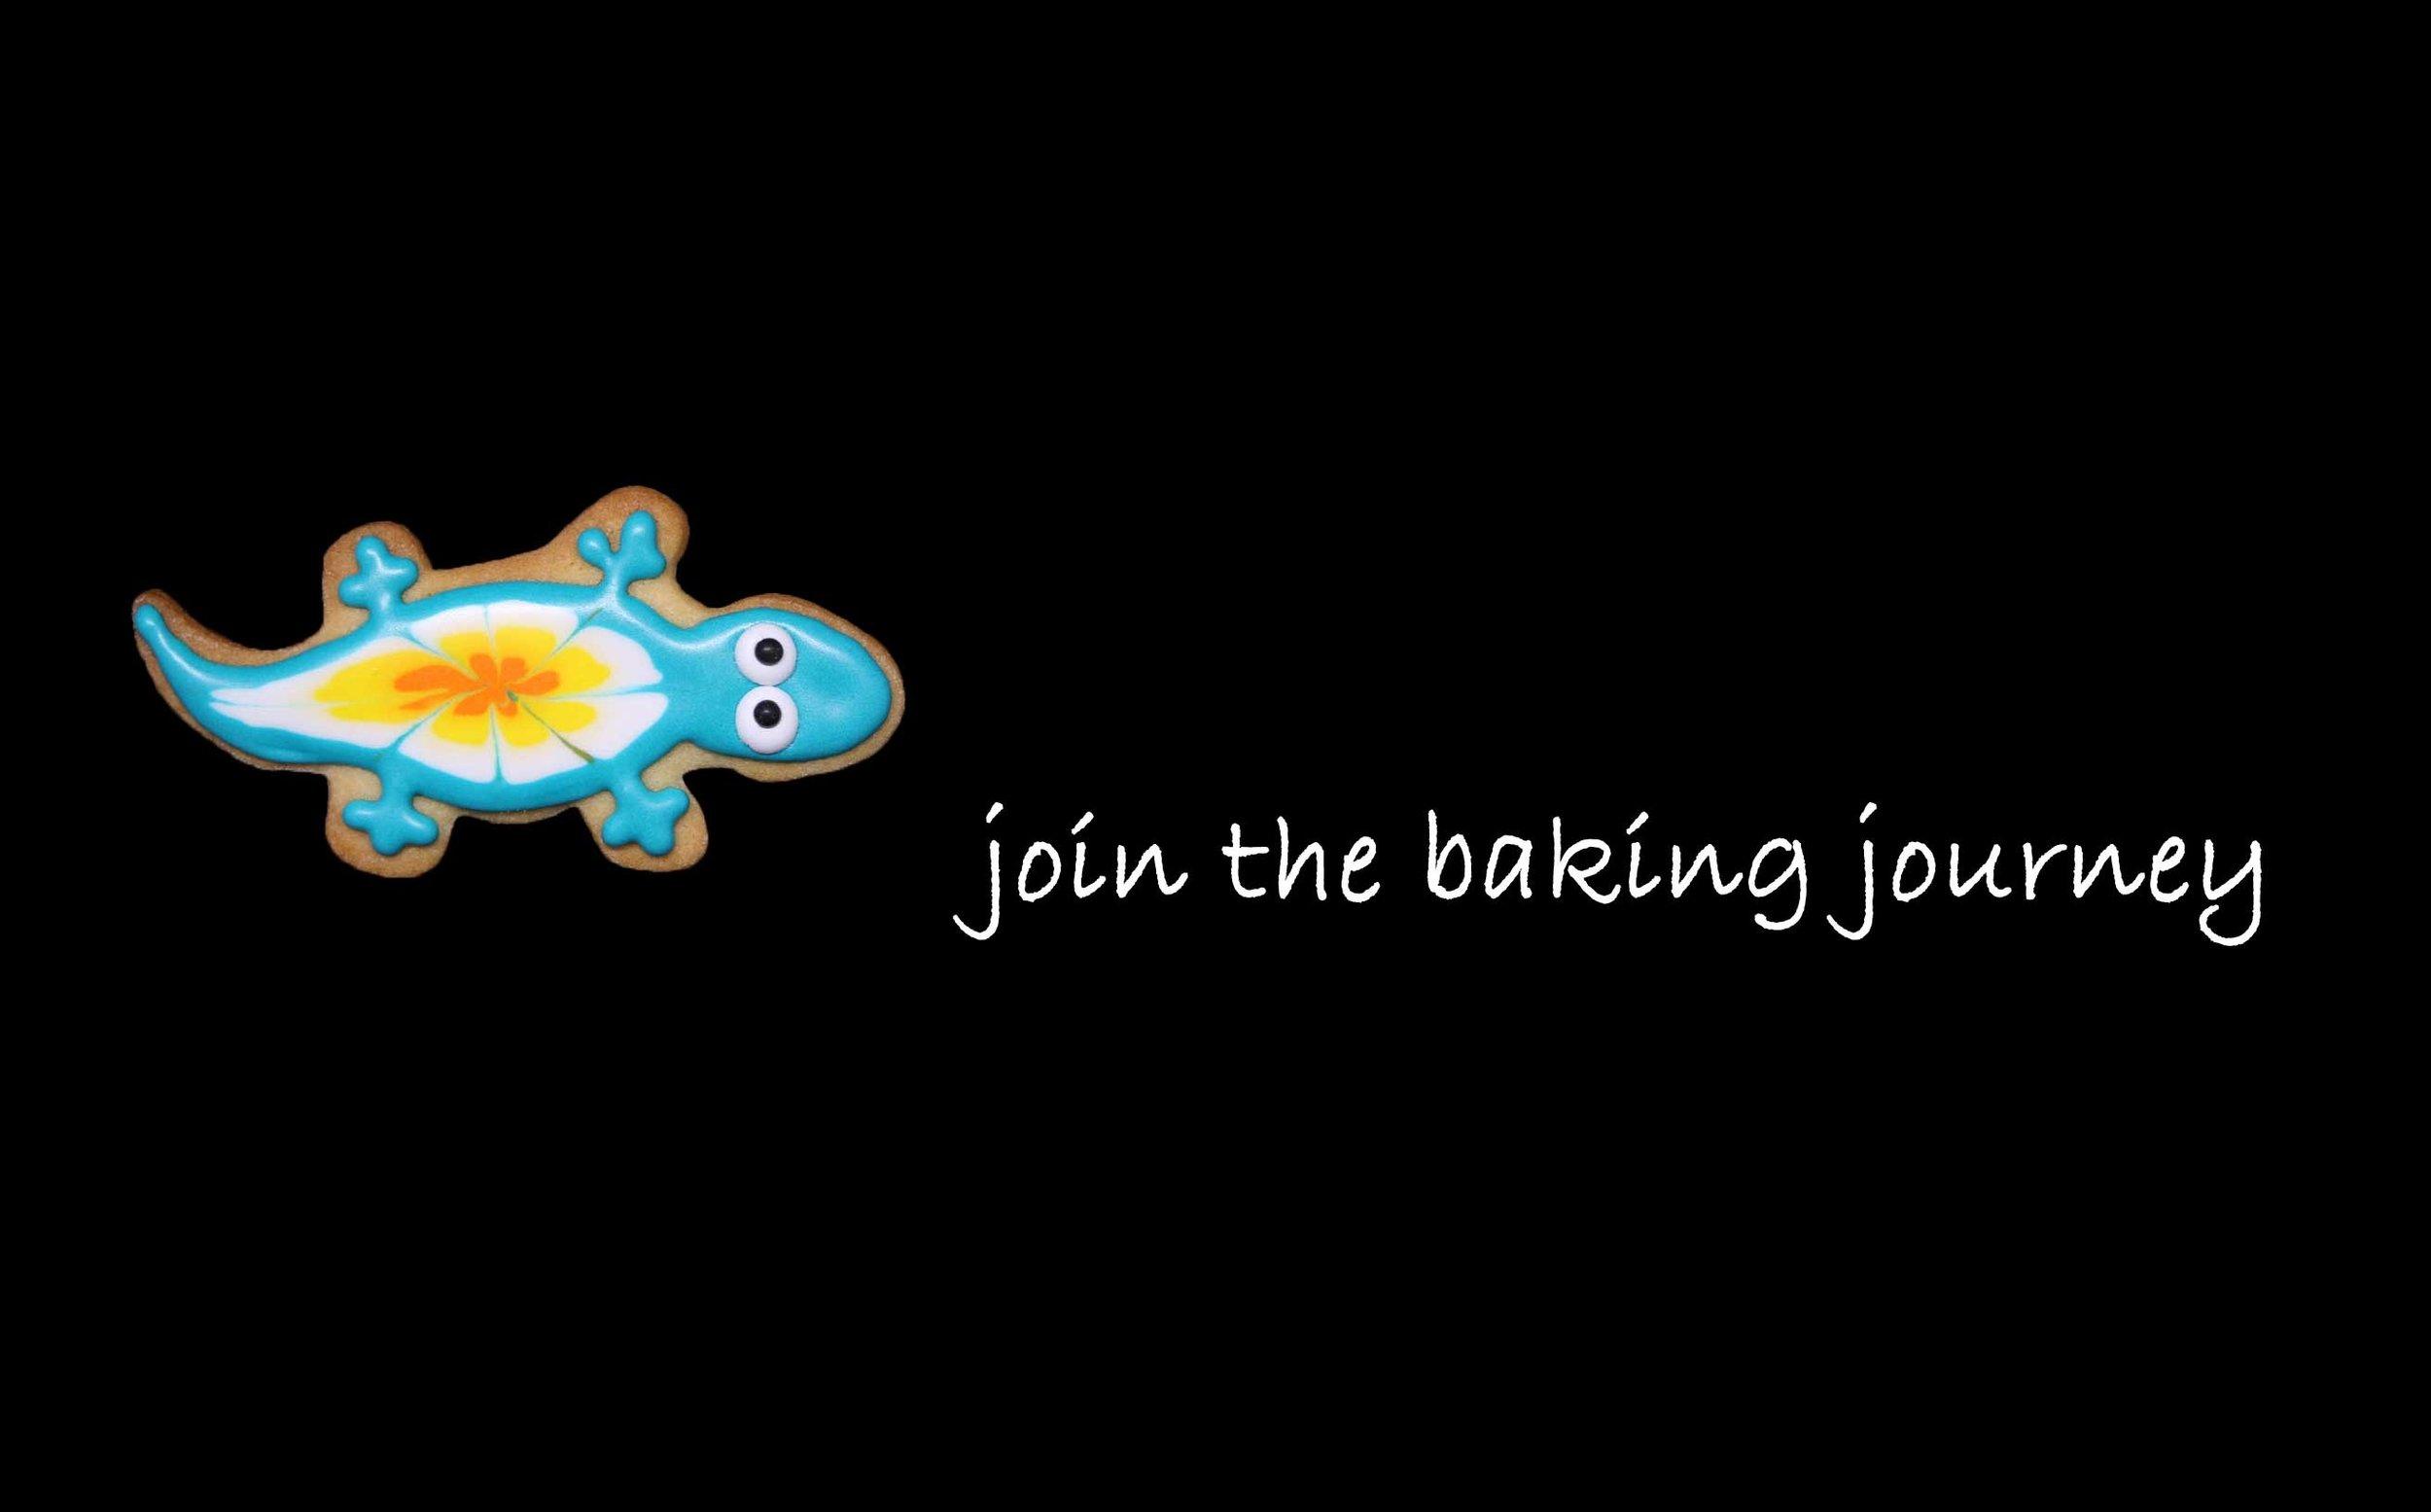 thebakingjourney_logo.jpg